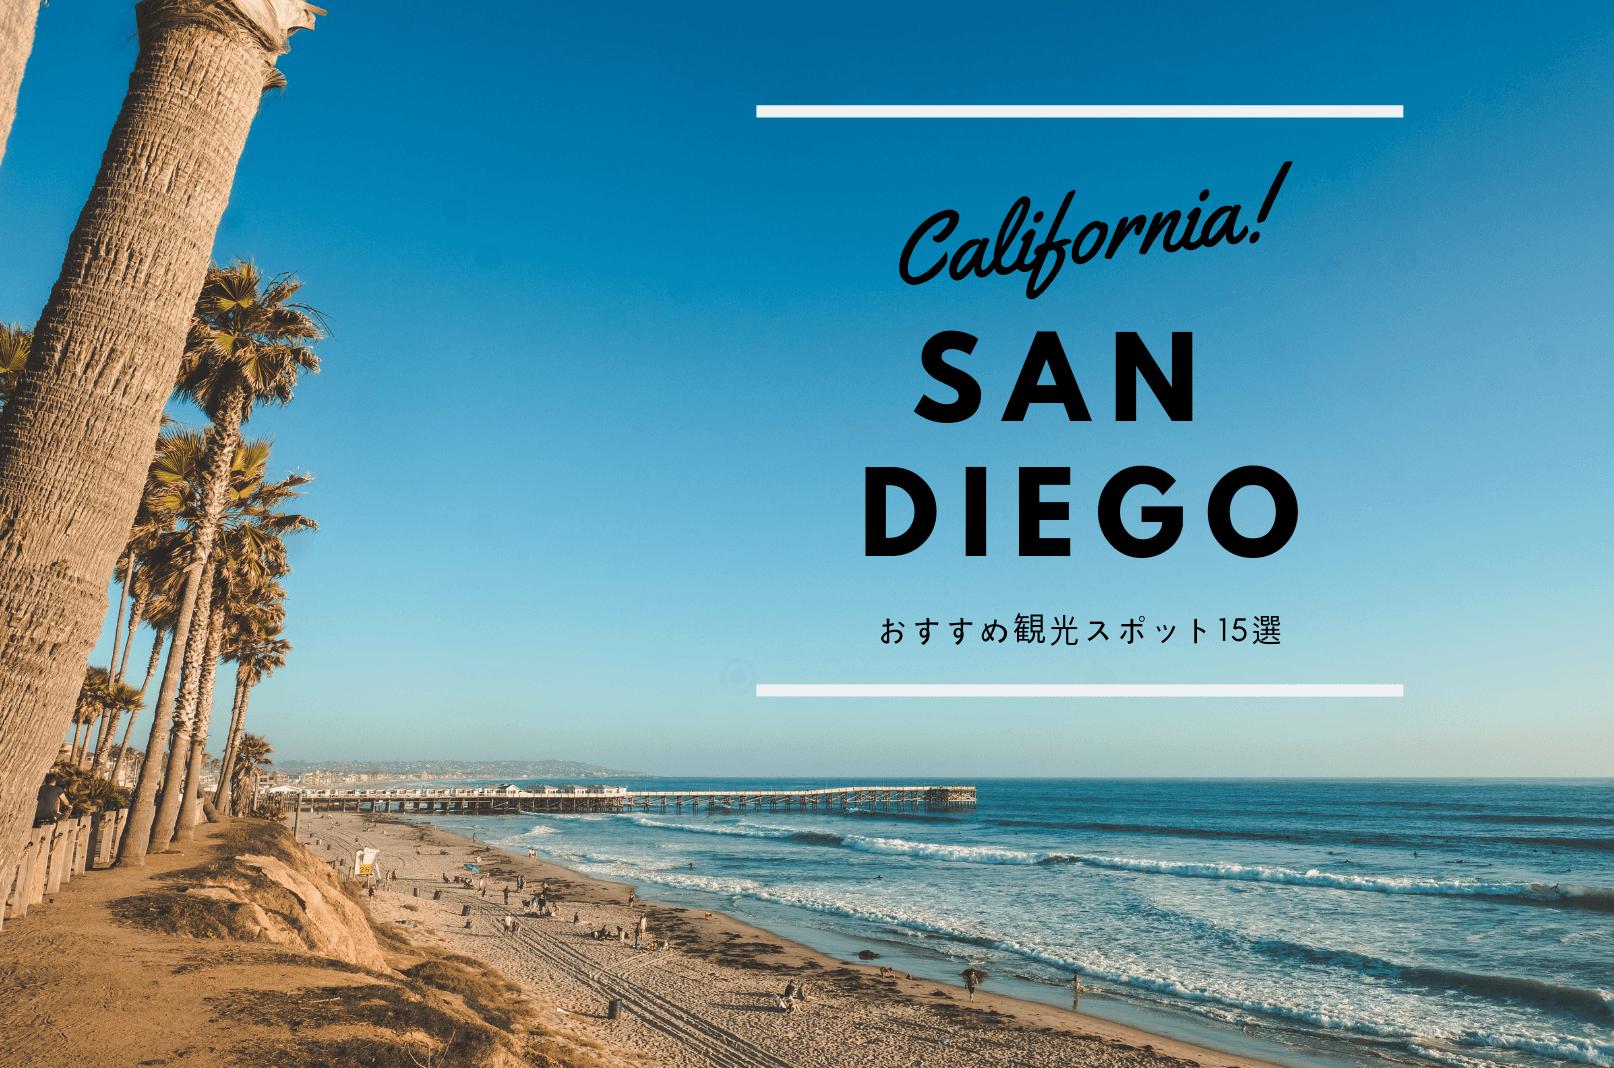 【2019年版】サンディエゴに行くなら必ず訪れたい観光スポット15選